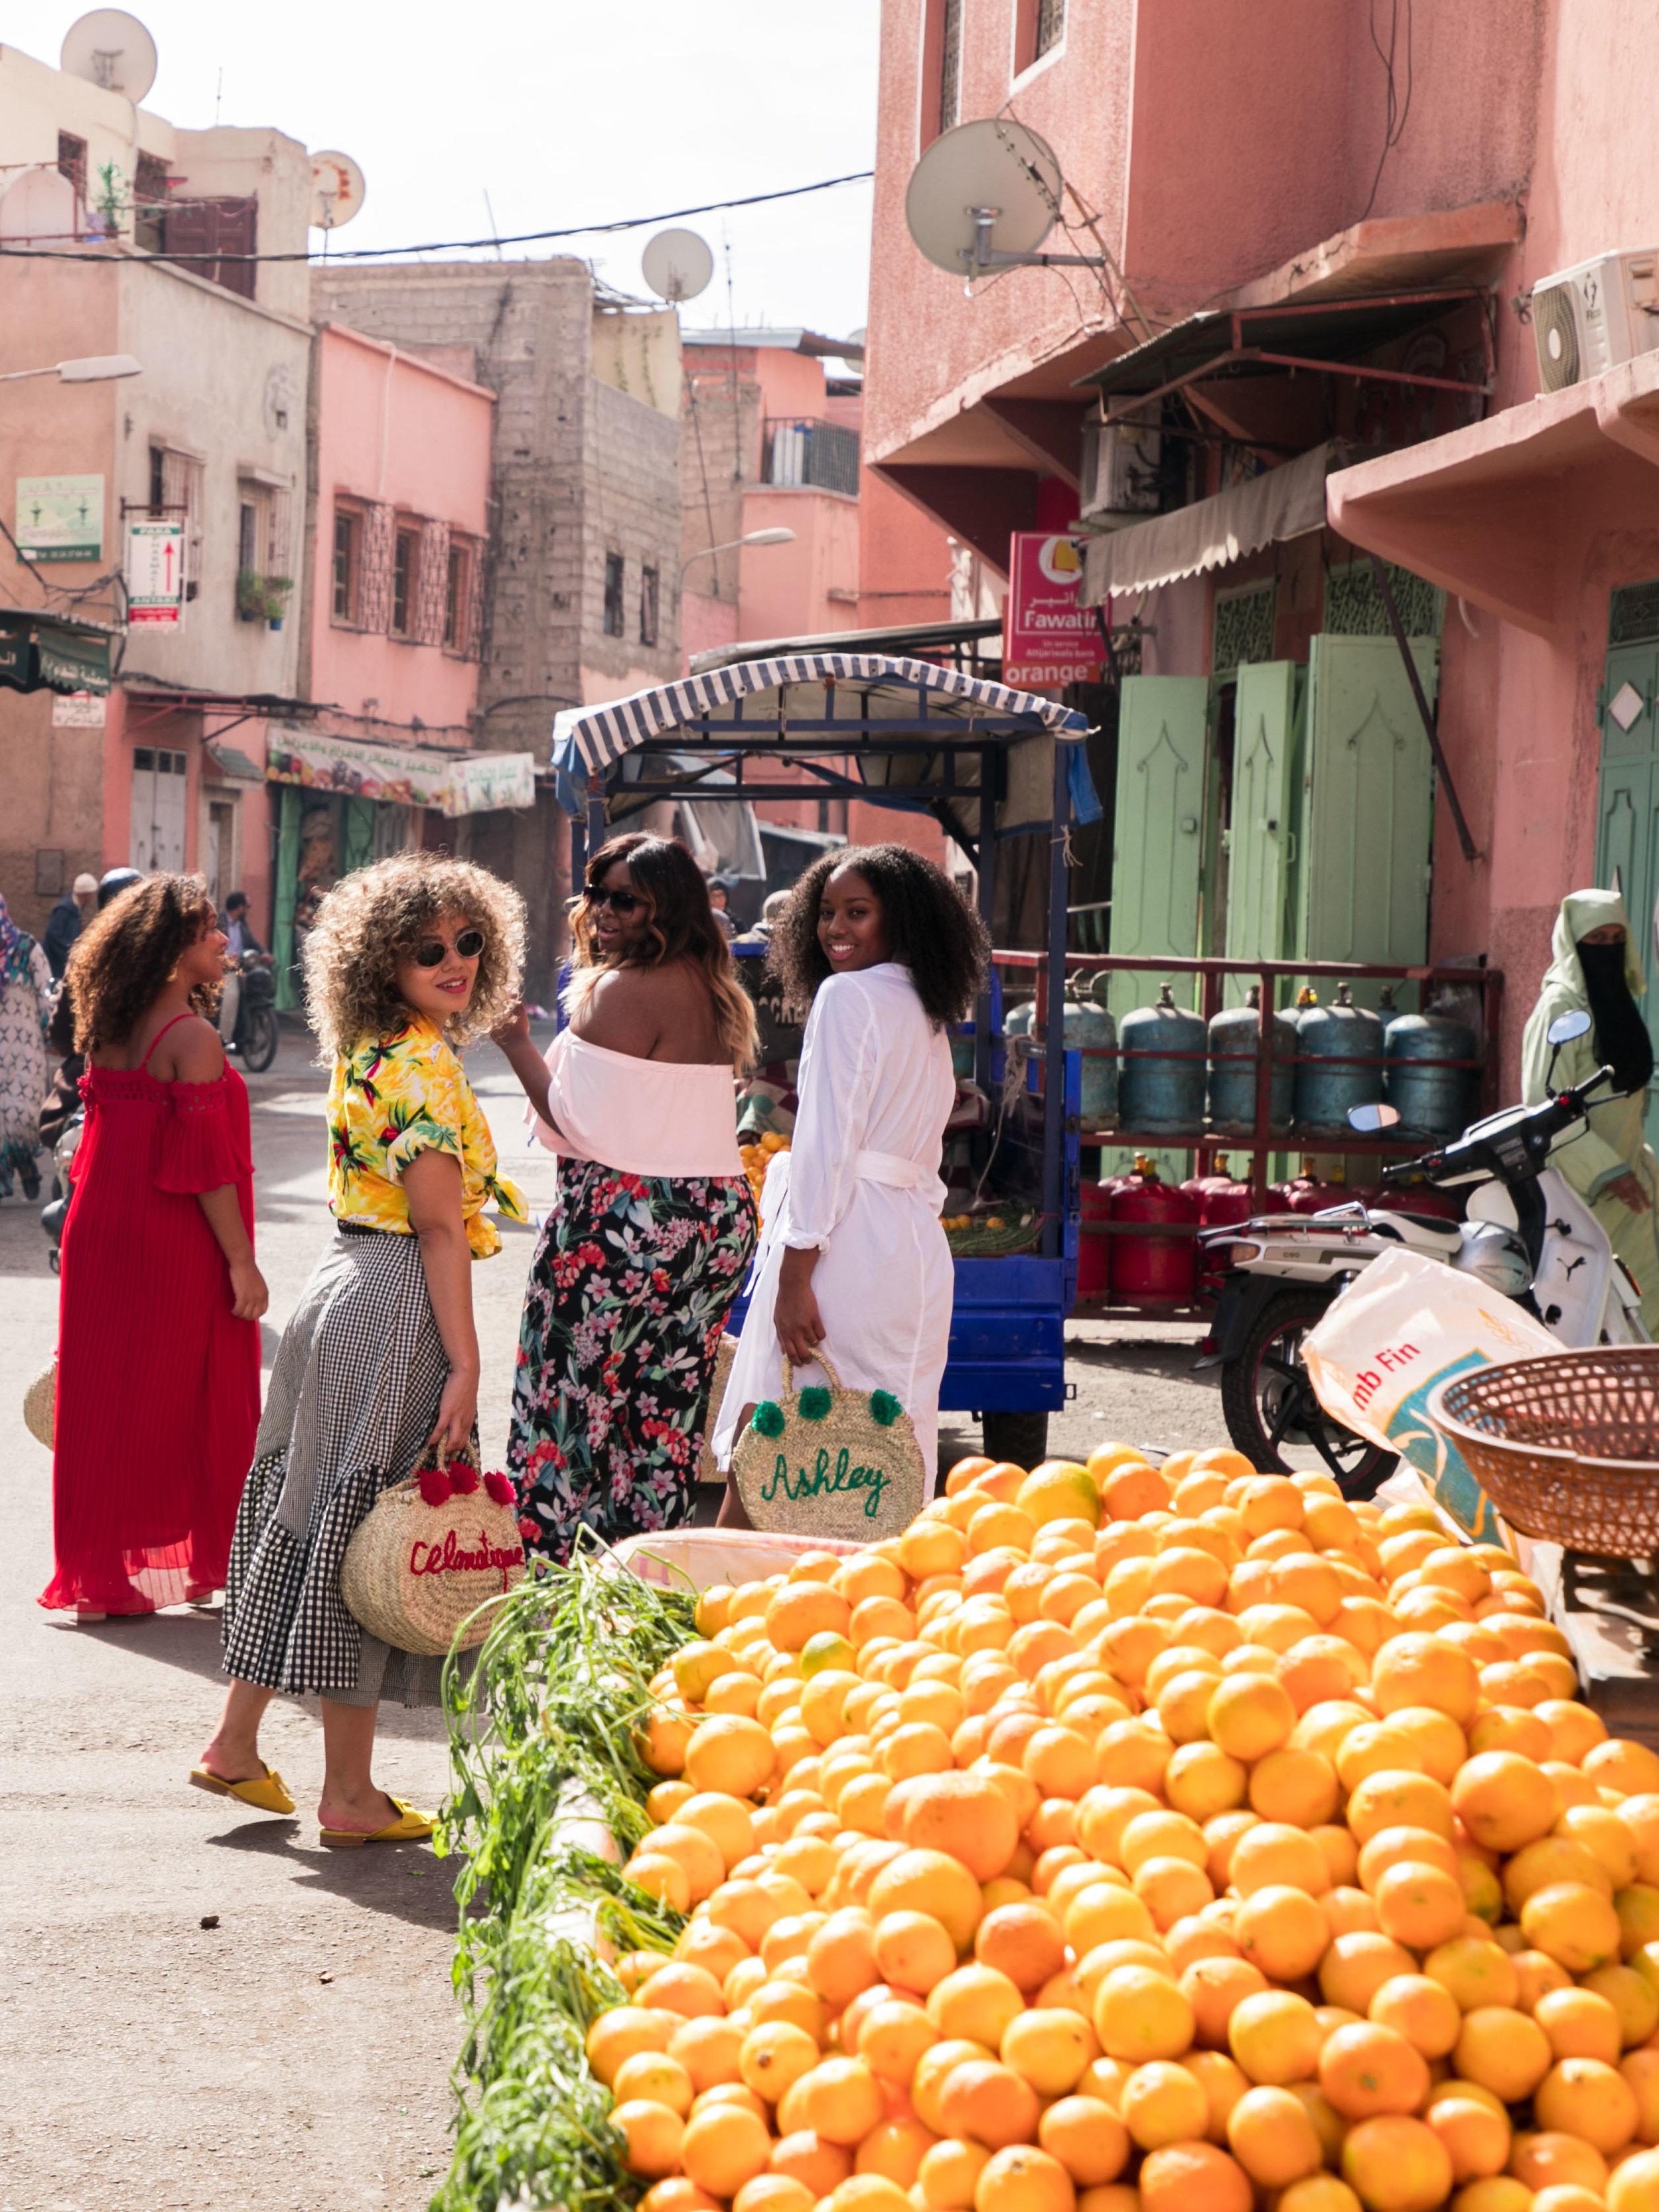 Marrakech-City-Scenes-24.jpg